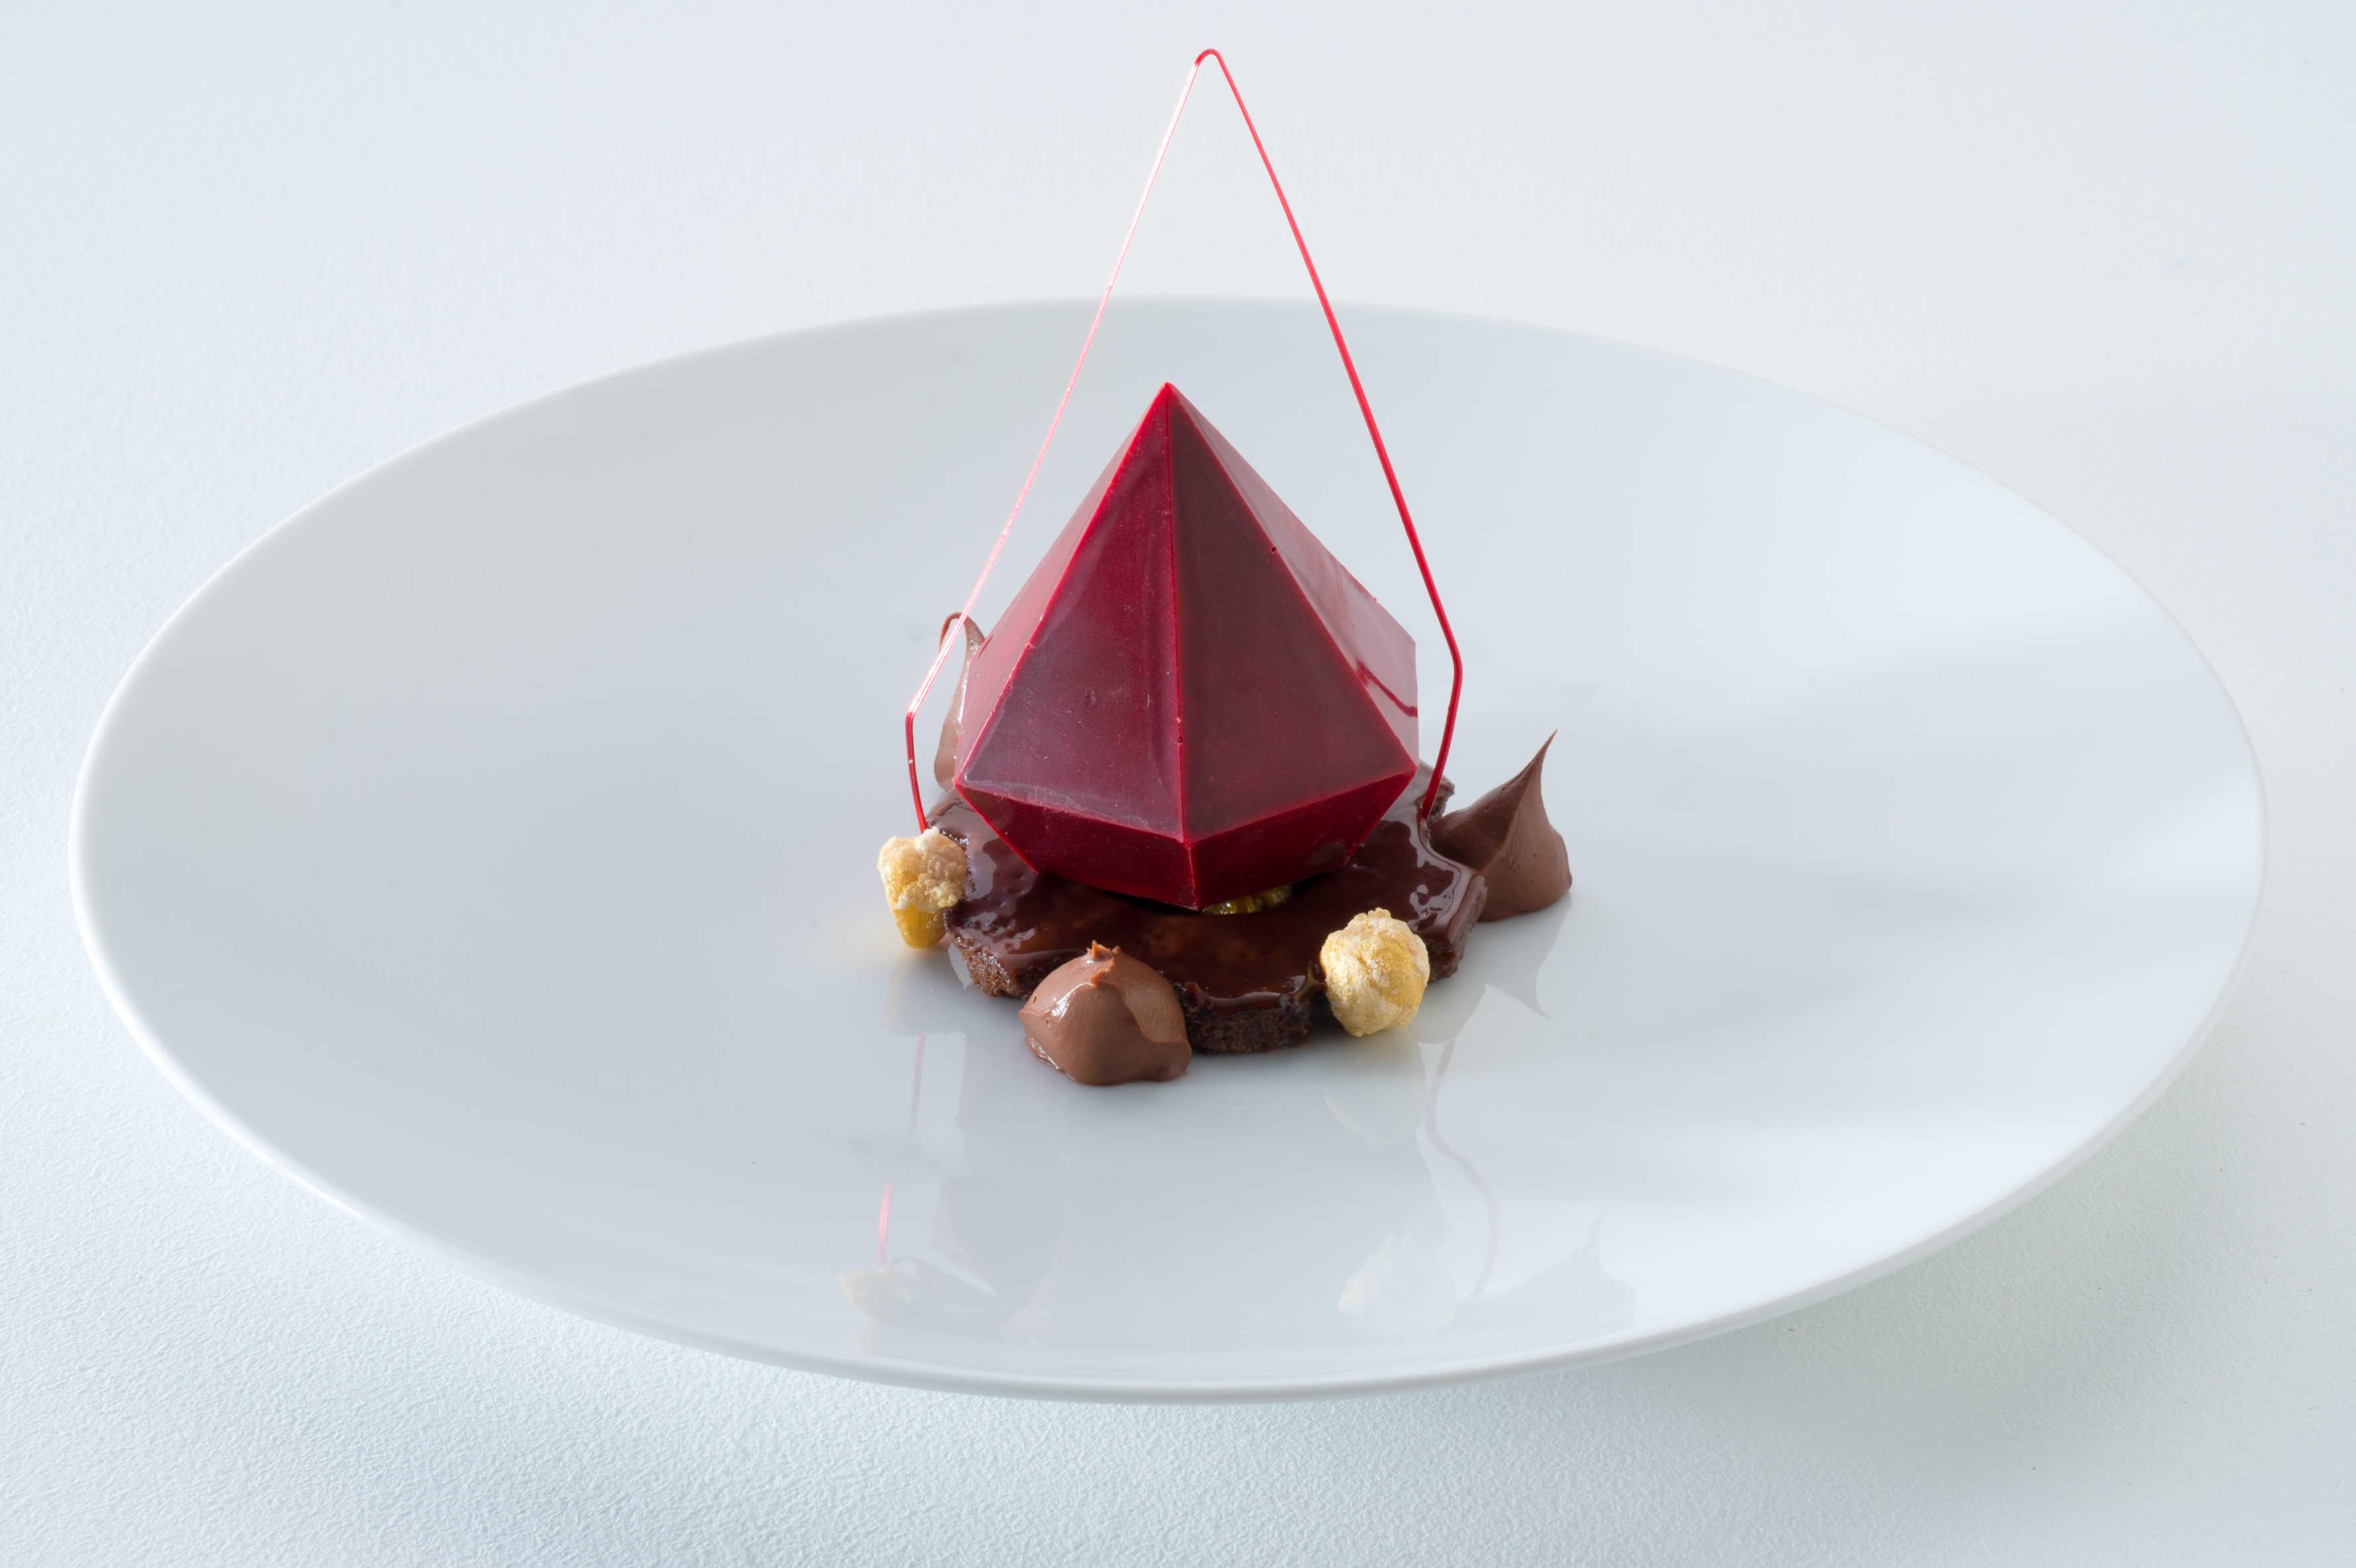 Coupe du monde de pâtisserie : sculpture en sucre et chocolat - Chili